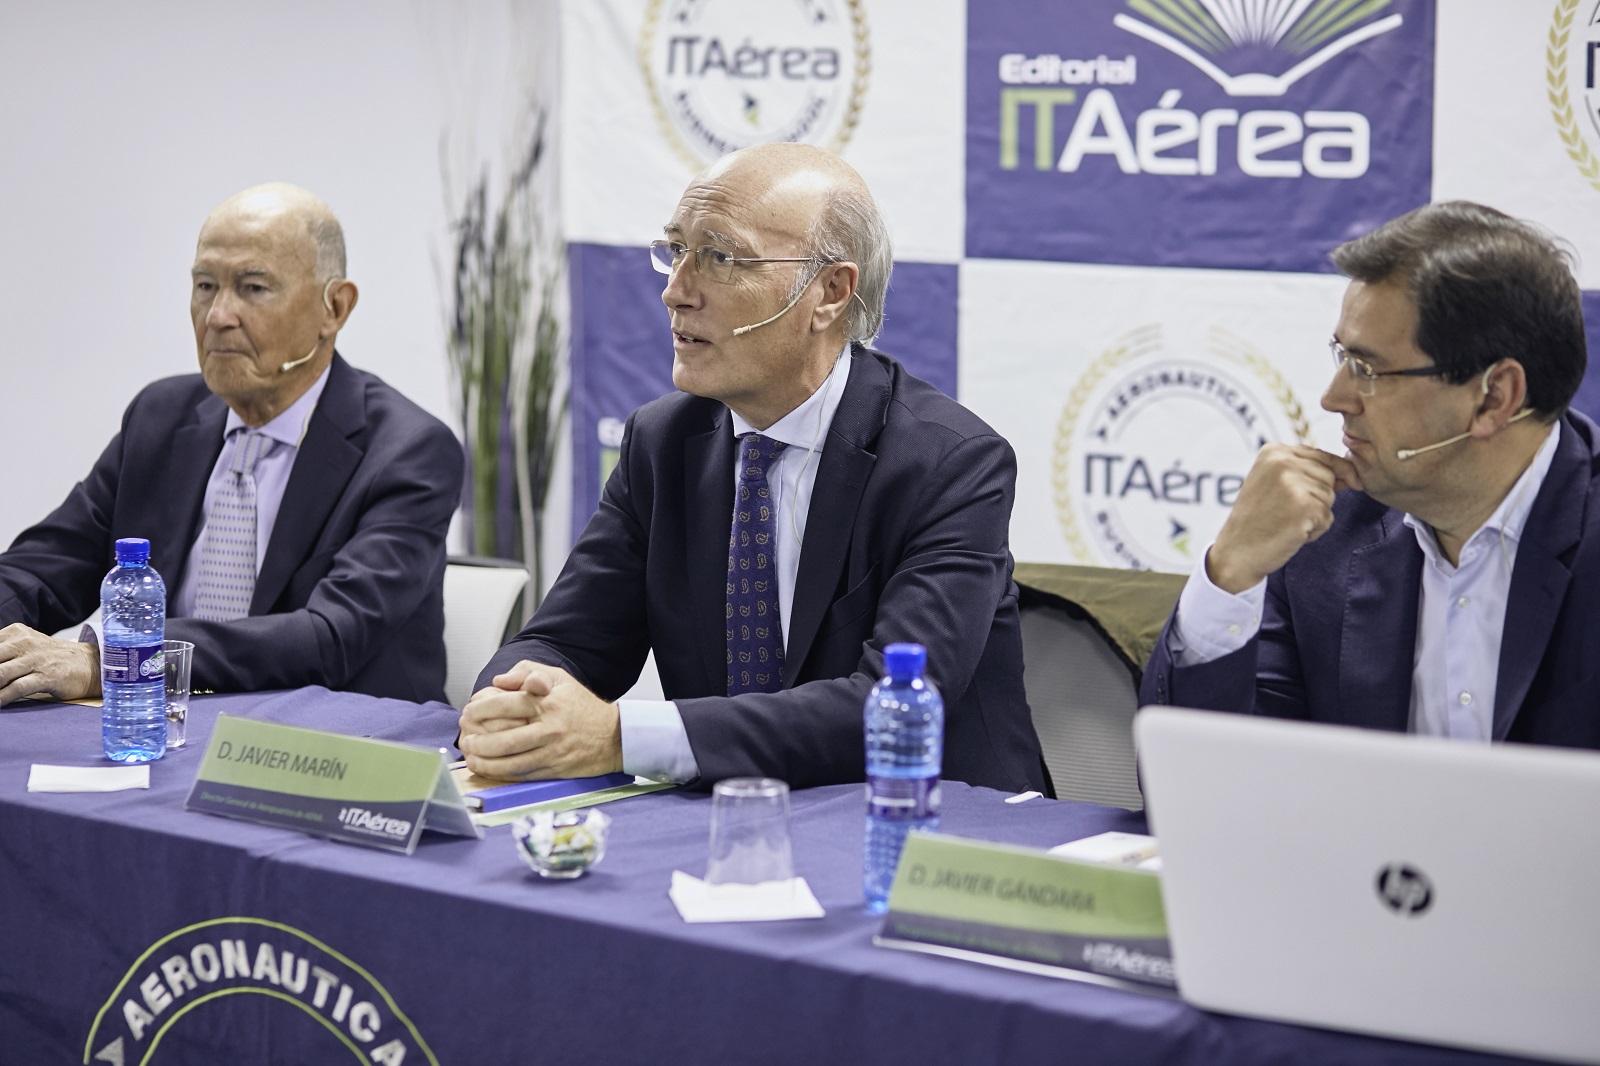 MG 9285 - D. Javier Marín, Director General de Aeropuertos de AENA, imparte conferencia extraordinaria en ITAérea Madrid